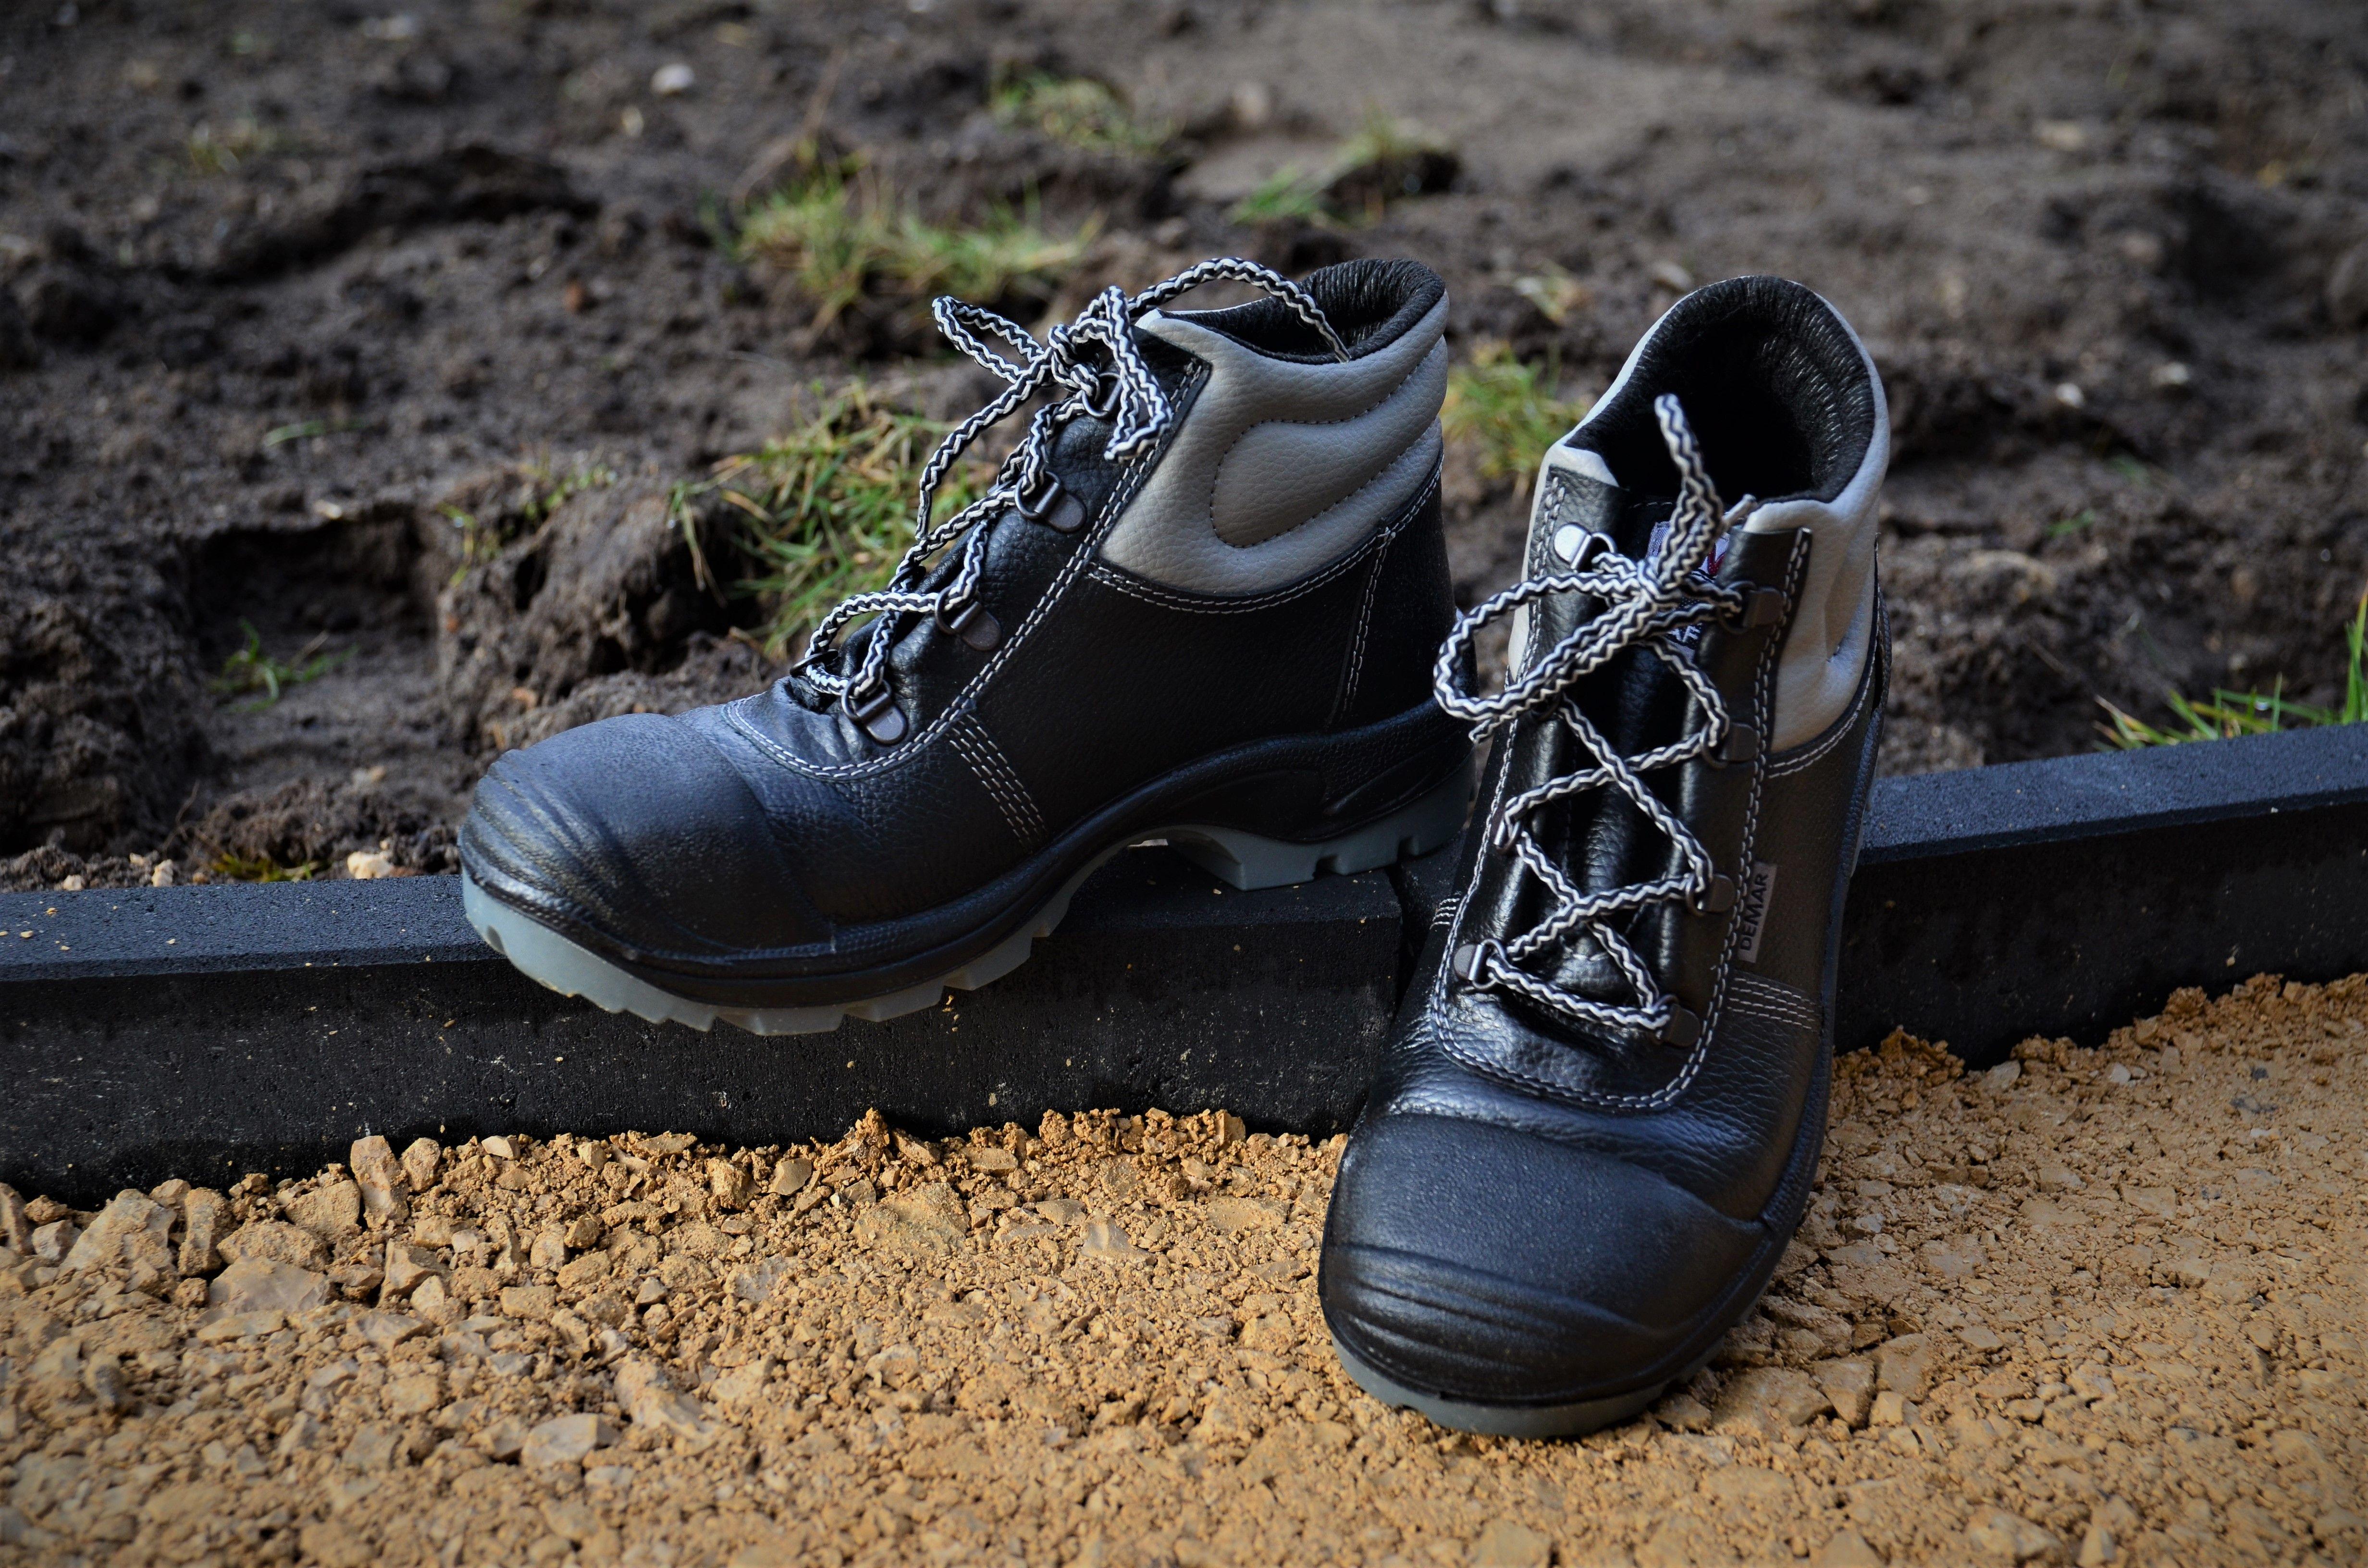 Buty Robocze 9 002 Idealnie Sprawdza Sie Przy Pracach Zwiazanych Z Kostka Jak I Wszedzie Tam Gdzie Nosek Narazony Jest Na Otarcie To Hiking Boots Boots Shoes